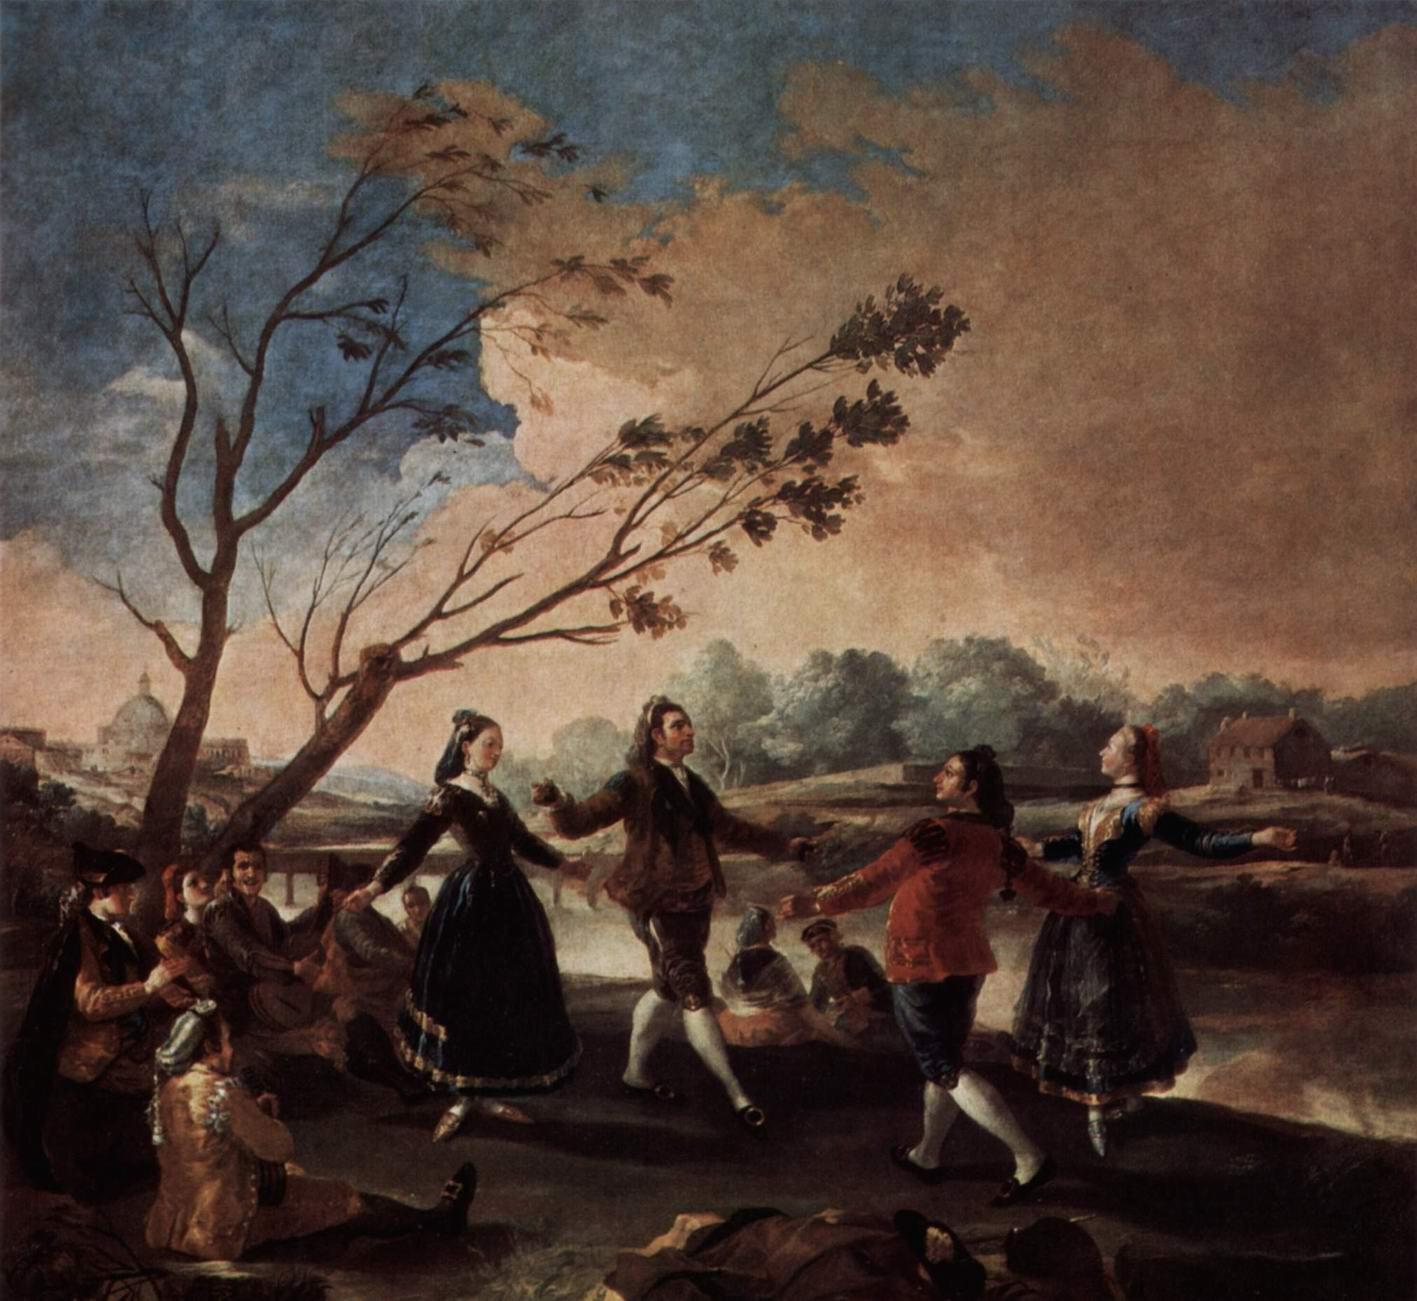 Эскизы гобеленов для королевских дворцов Прадо и Эскориал. Махи, танцующие с горожанами, Франсиско де Гойя-и-Лусьентес